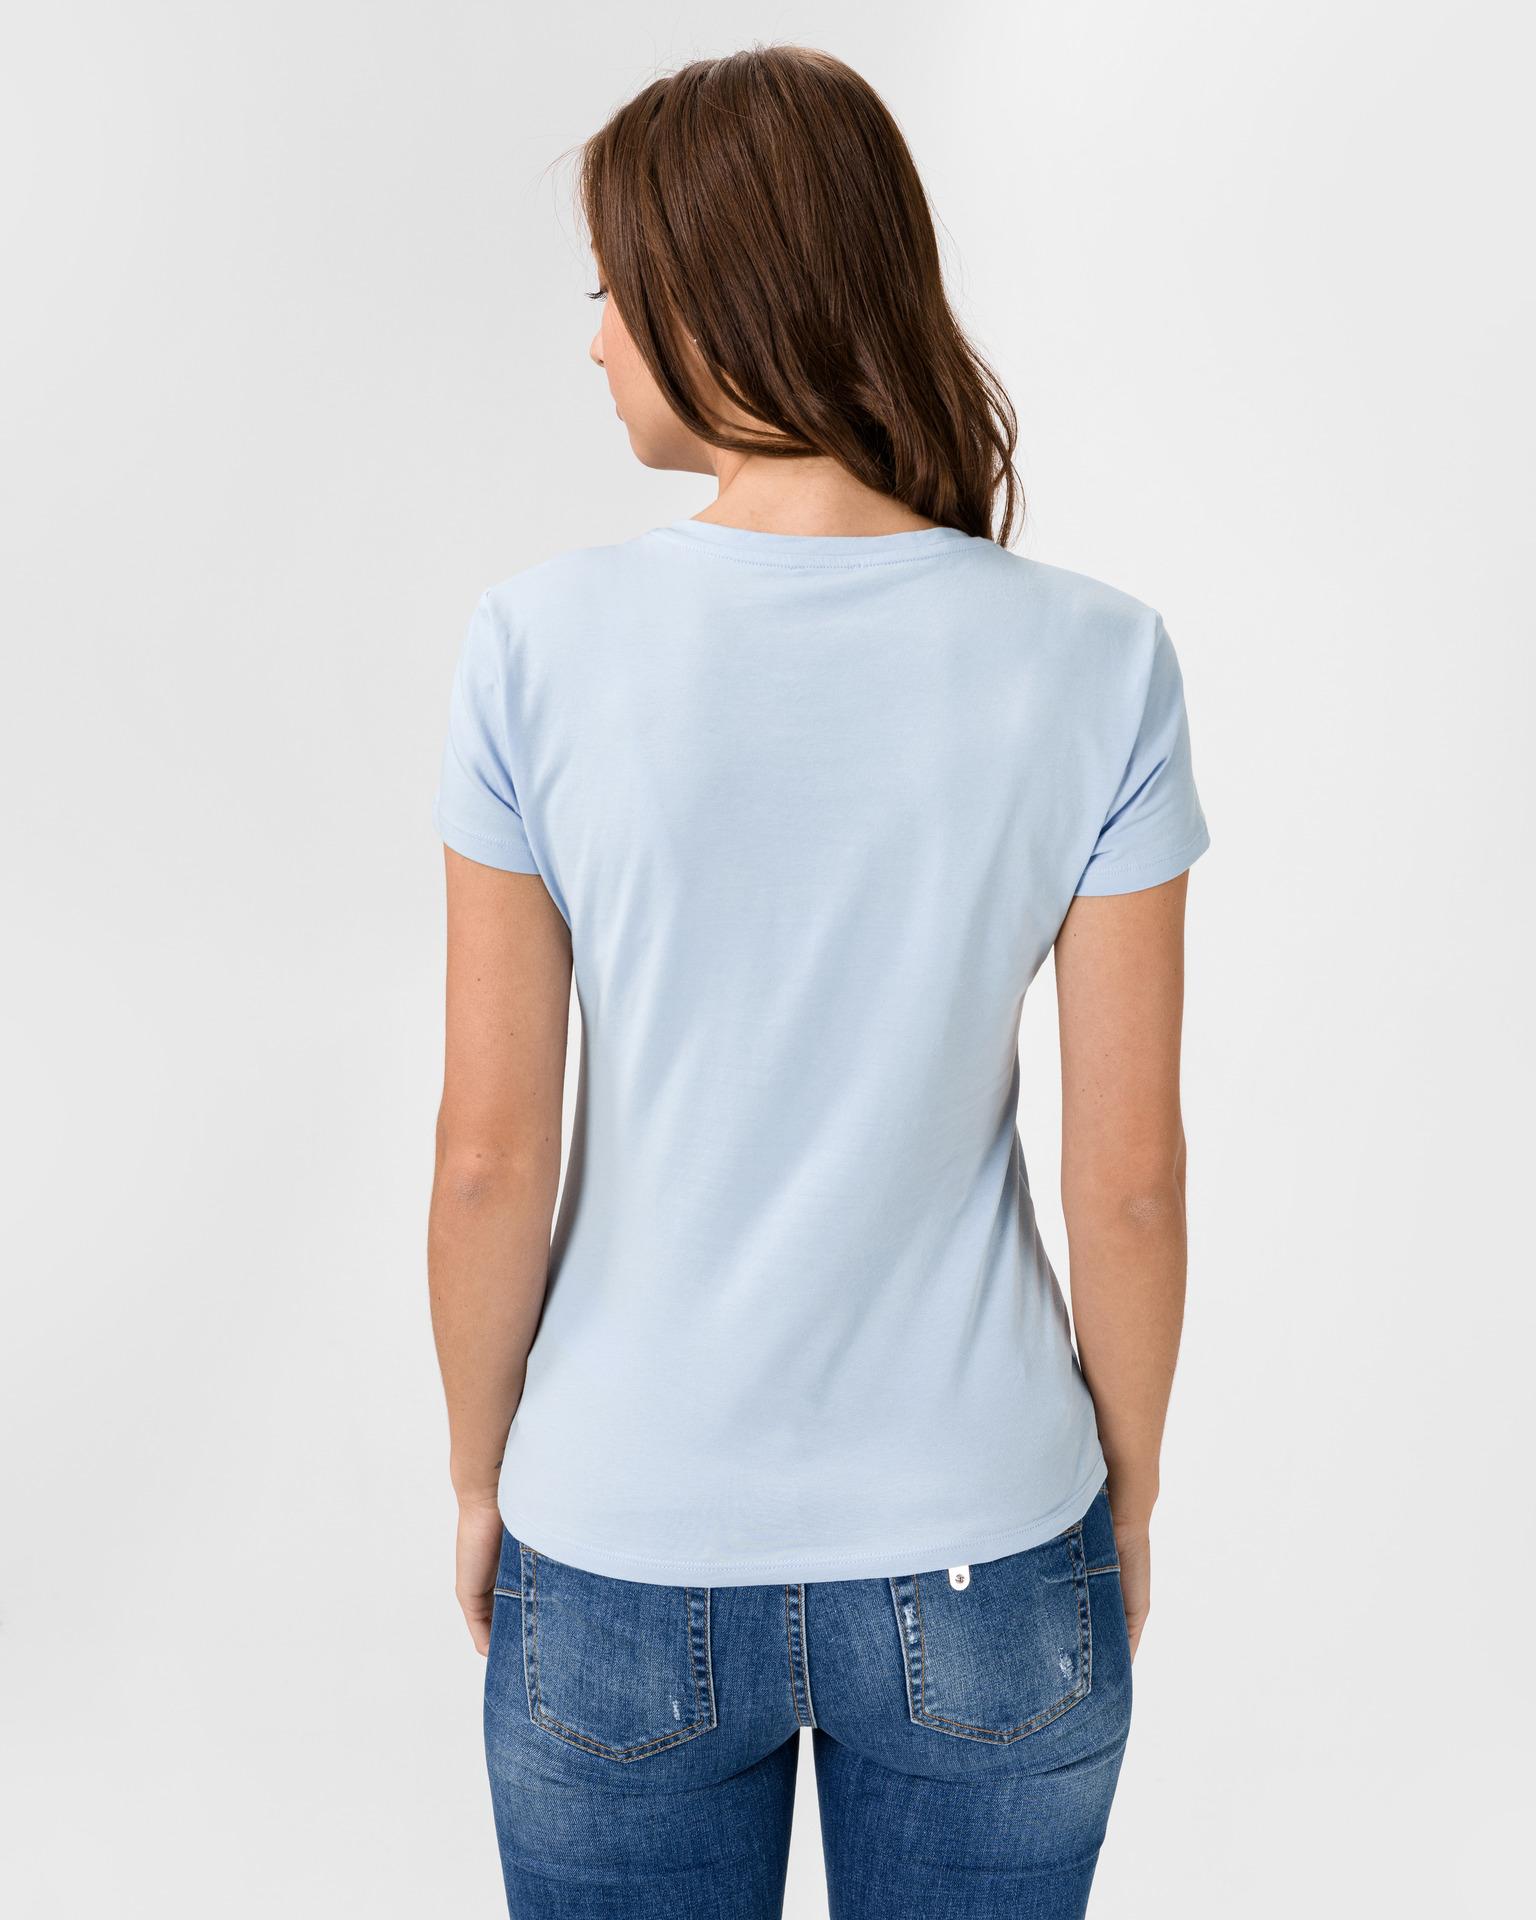 Liu Jo Women's t-shirt blue